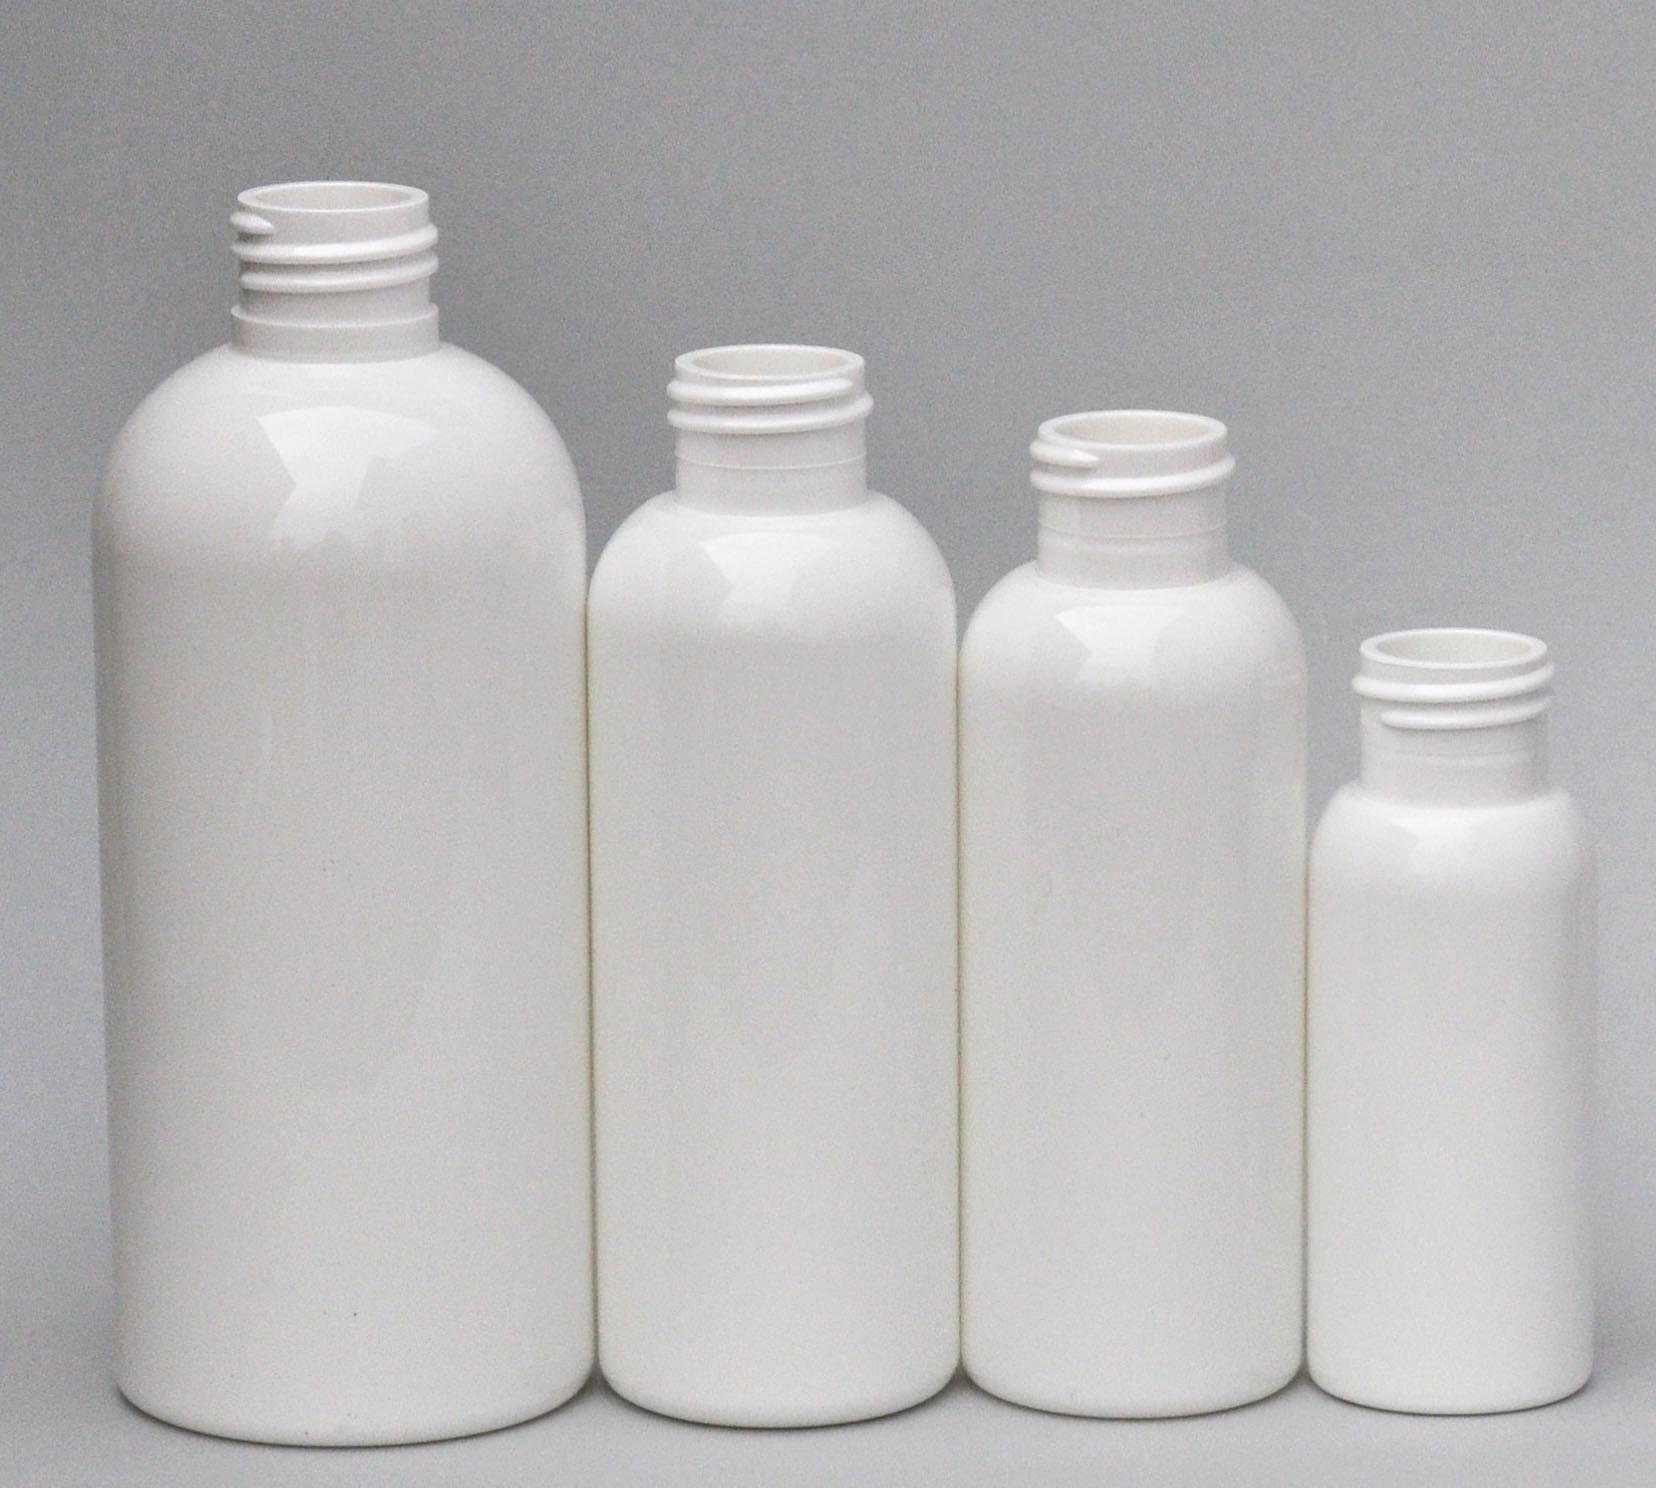 SNEP-100BPETW-100ml White PET Boston Bottle with 24/410 Neck